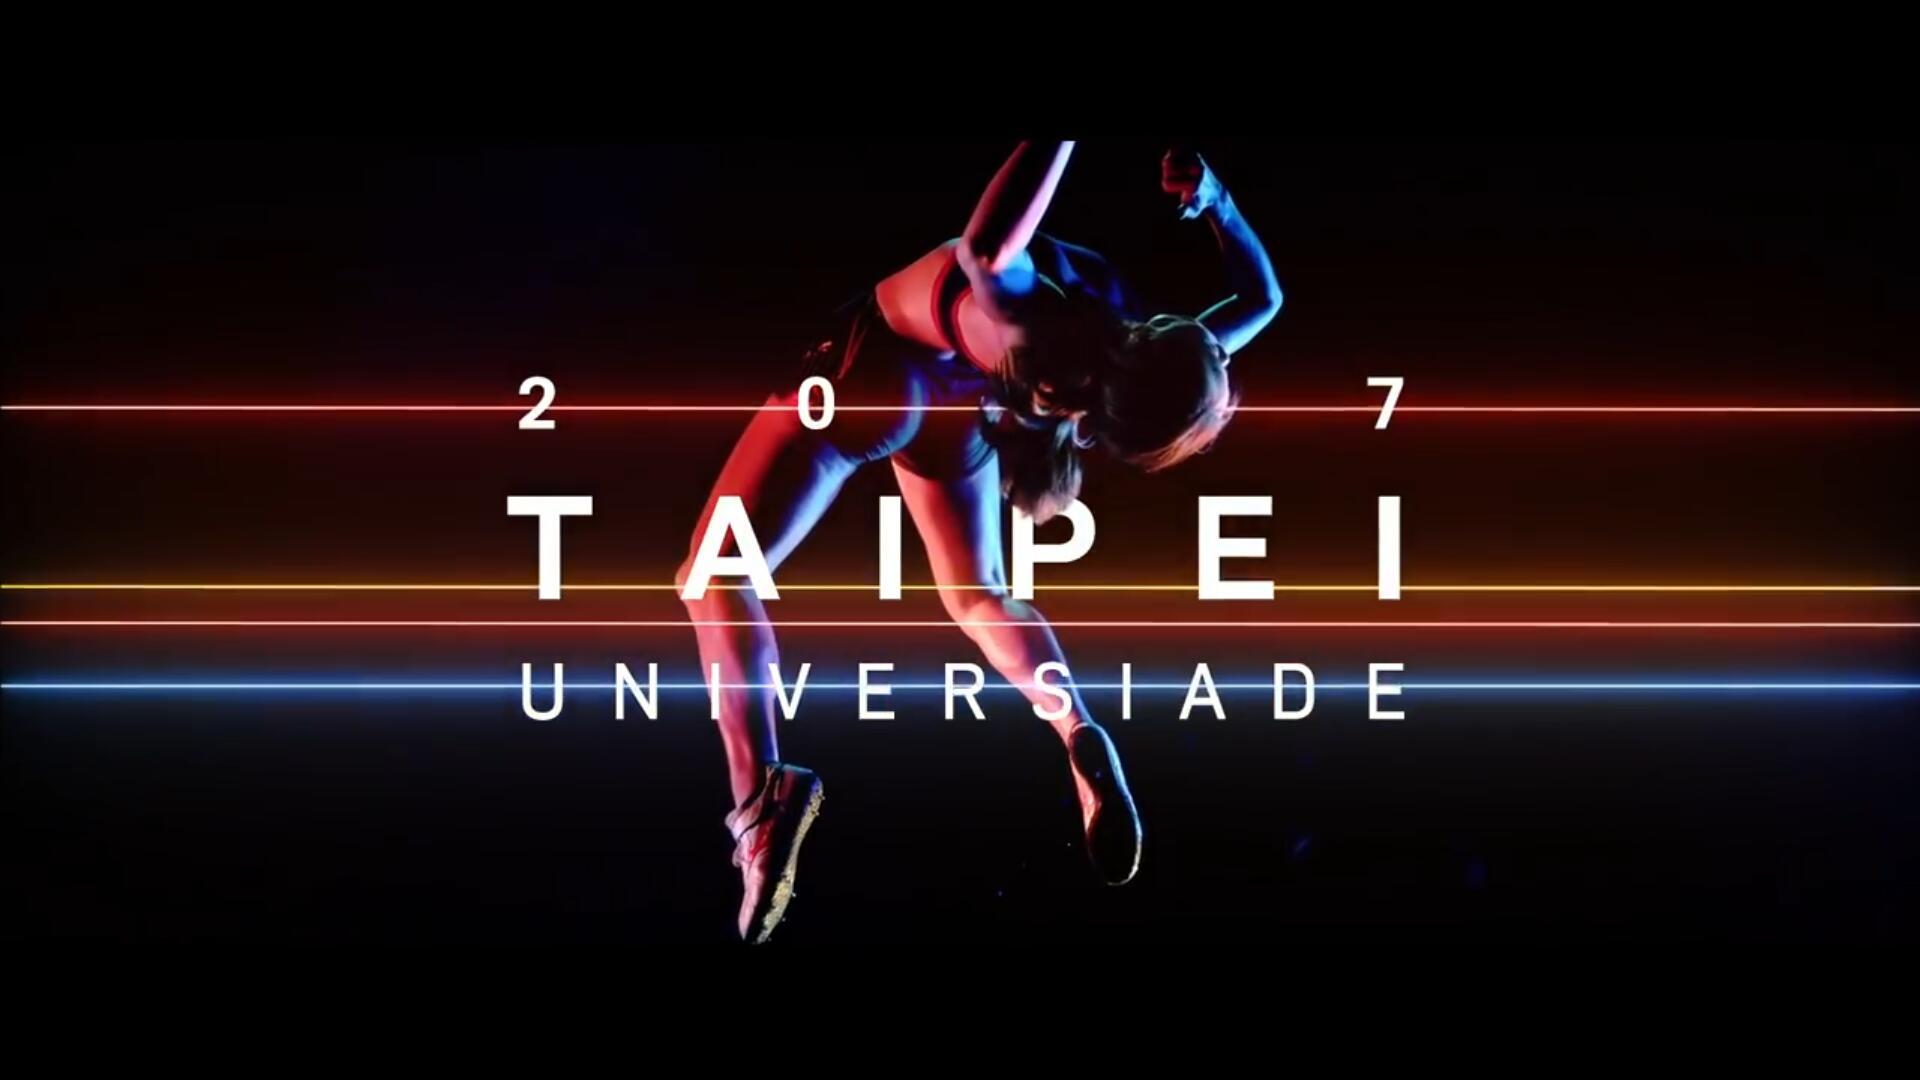 台北世界大学运动会宣告全面启动宣传片